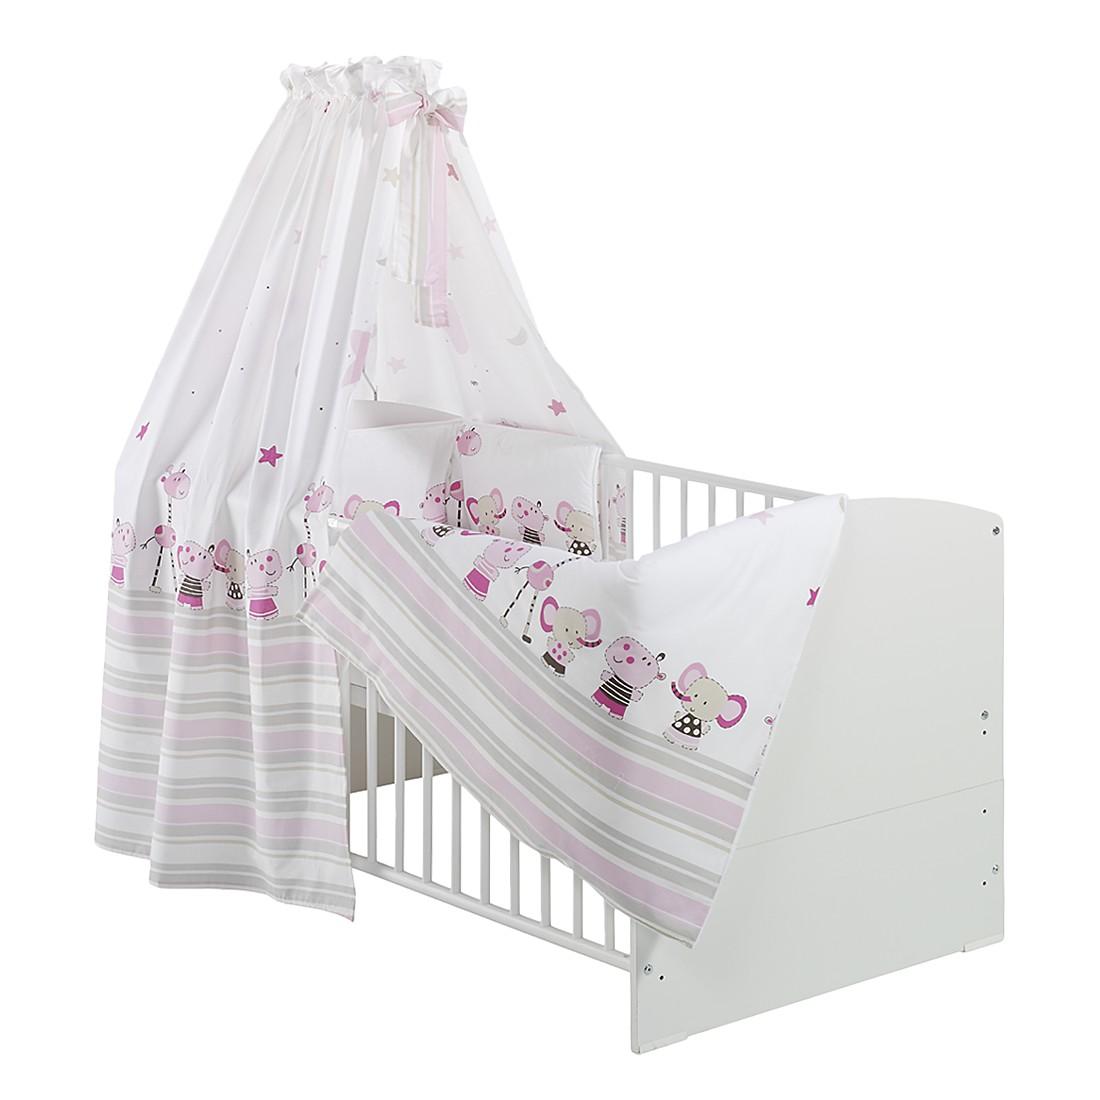 Komplettbett CLASSIC LINE (inkl. Matratze & Textil-Set) – Buche massiv – Weiß lackiert – Textil: Braun gepunktet, Schardt günstig bestellen